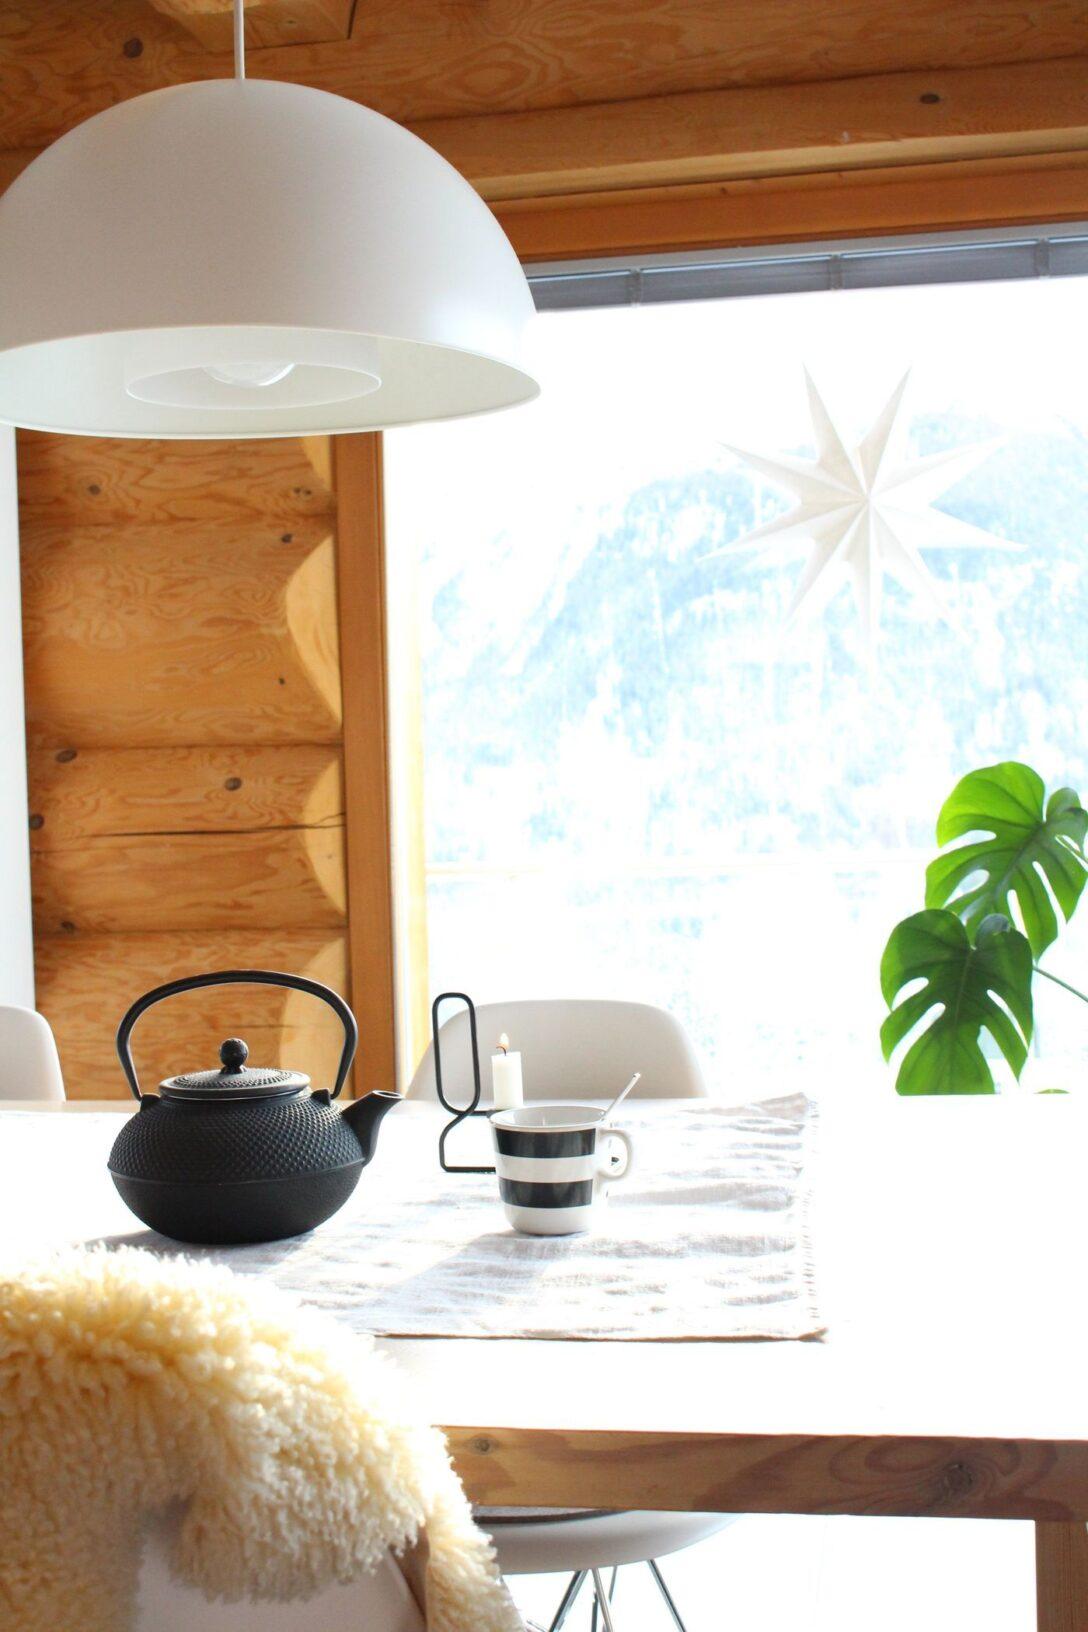 Large Size of Wohnzimmer Lampe Ikea Lampen Von Leuchten Decke Stehend Schnsten Ideen Mit Gardine Moderne Deckenleuchte Tapeten Hängeleuchte Küche Kosten Vitrine Weiß Wohnzimmer Wohnzimmer Lampe Ikea